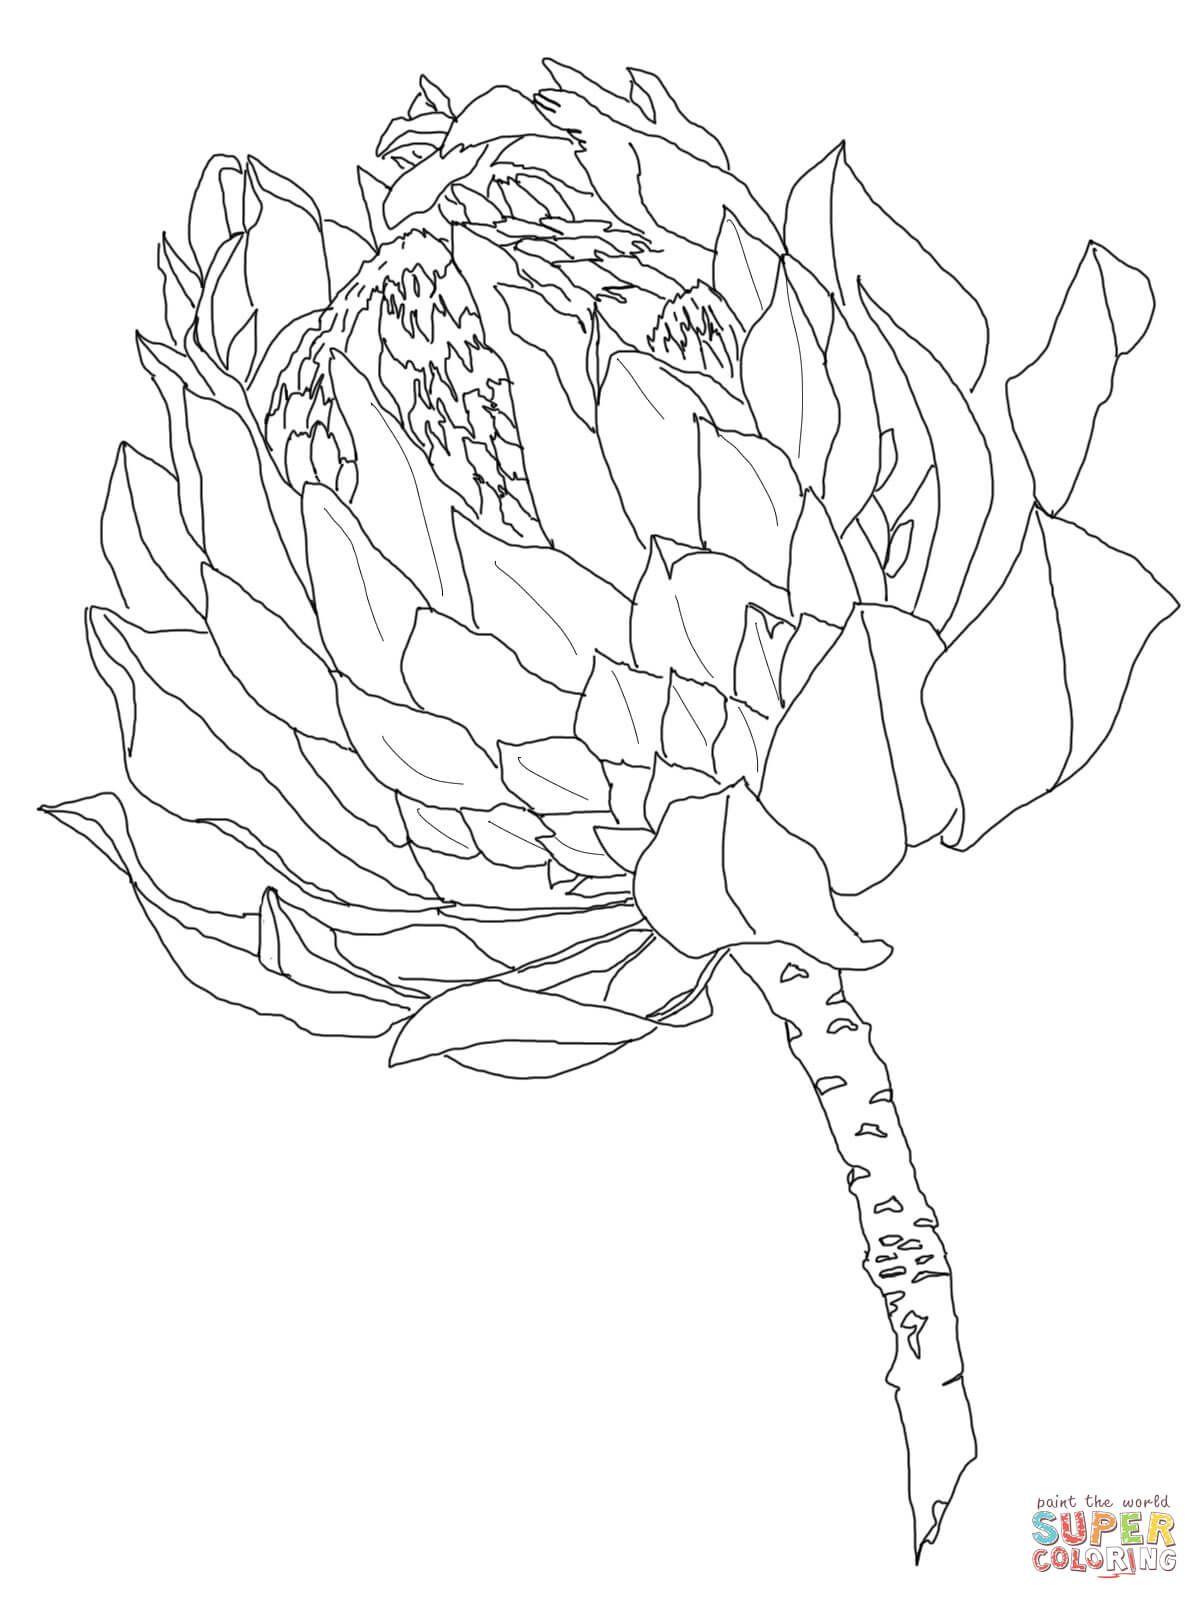 Protea Dibujo para colorear. Categorías: Protea. Páginas para ...